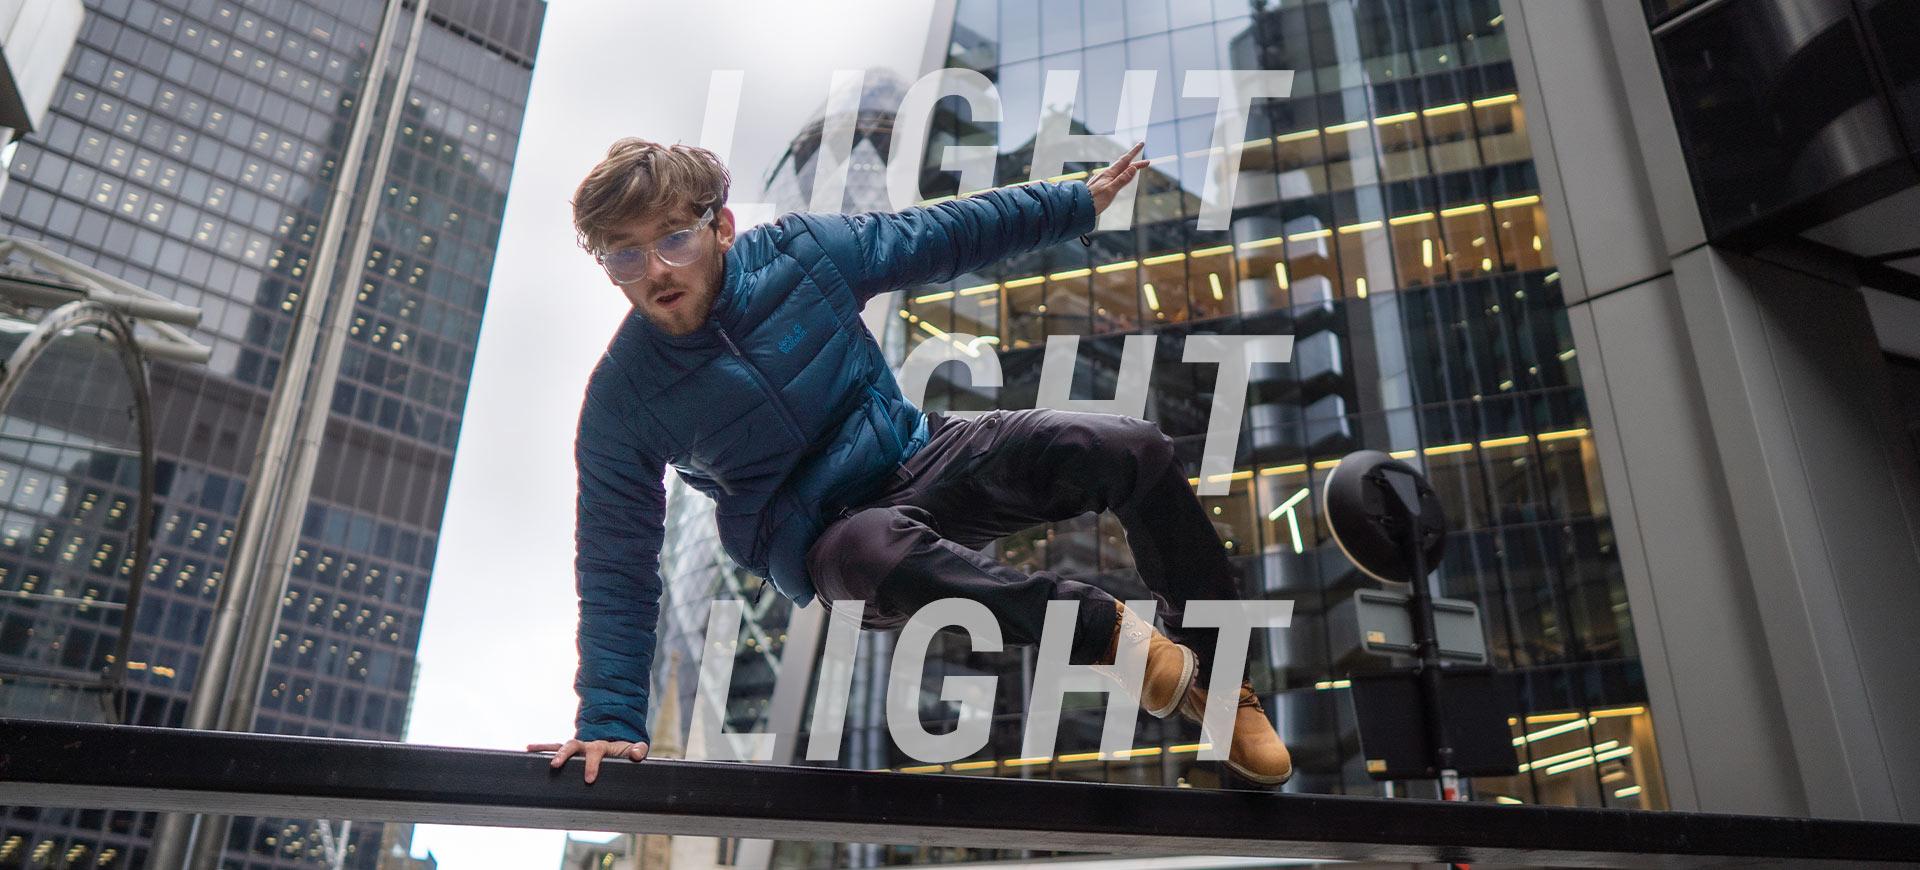 Homme saute par-dessus labarrière